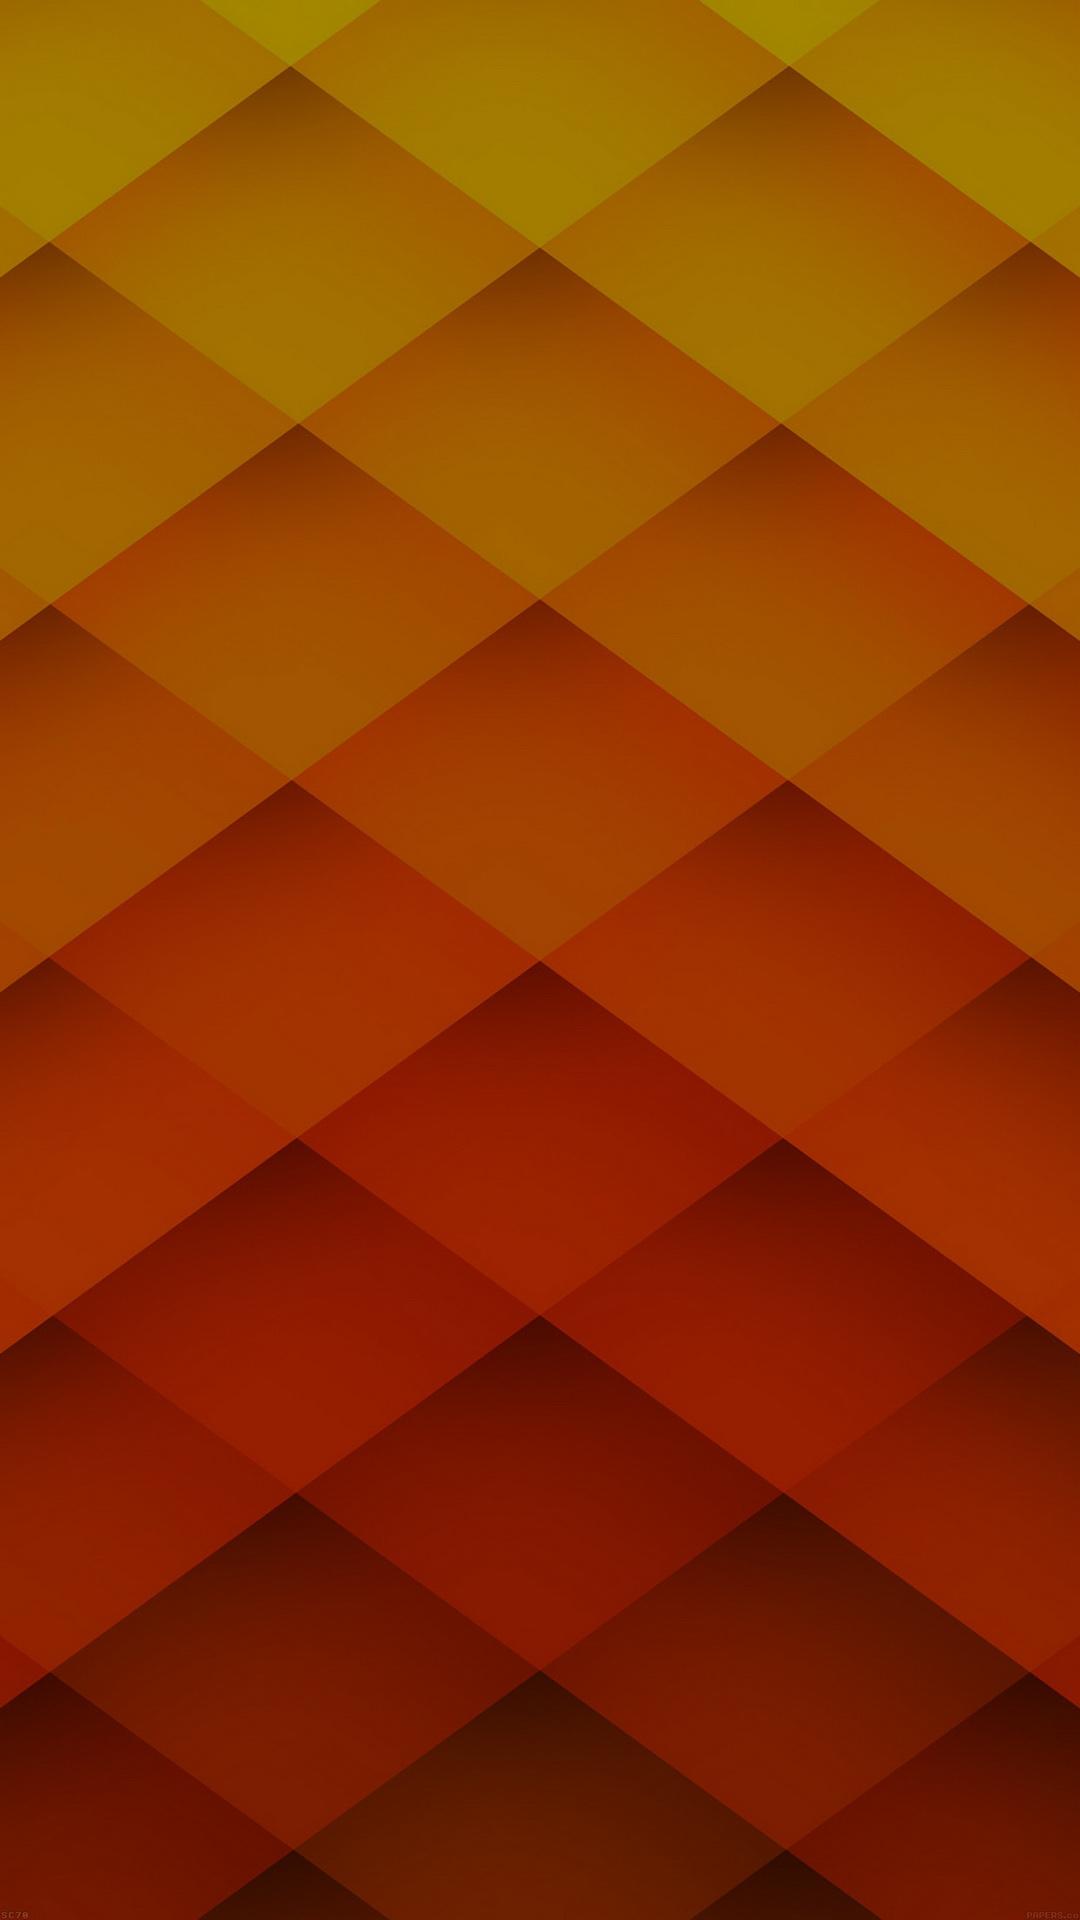 Authum-colors-pattern-wallpaper-wp4603845